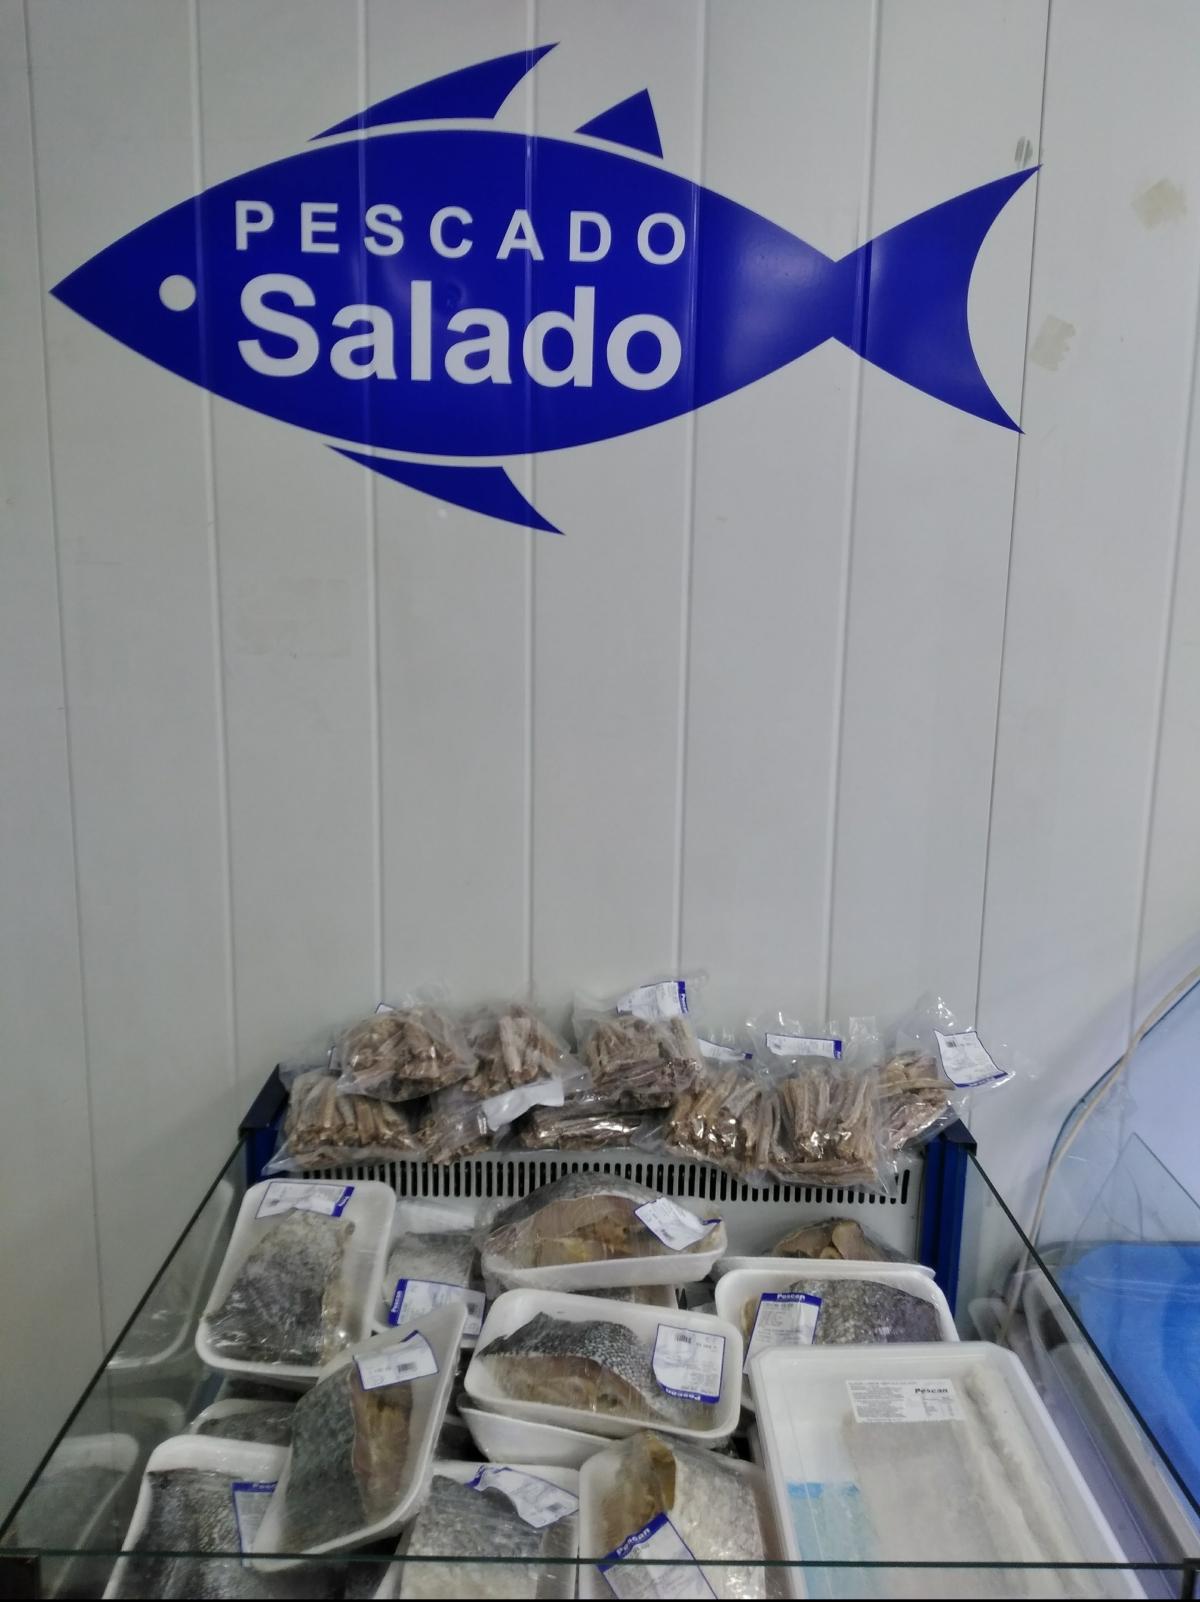 Pescado Salado. Sabores del mar en tumesa